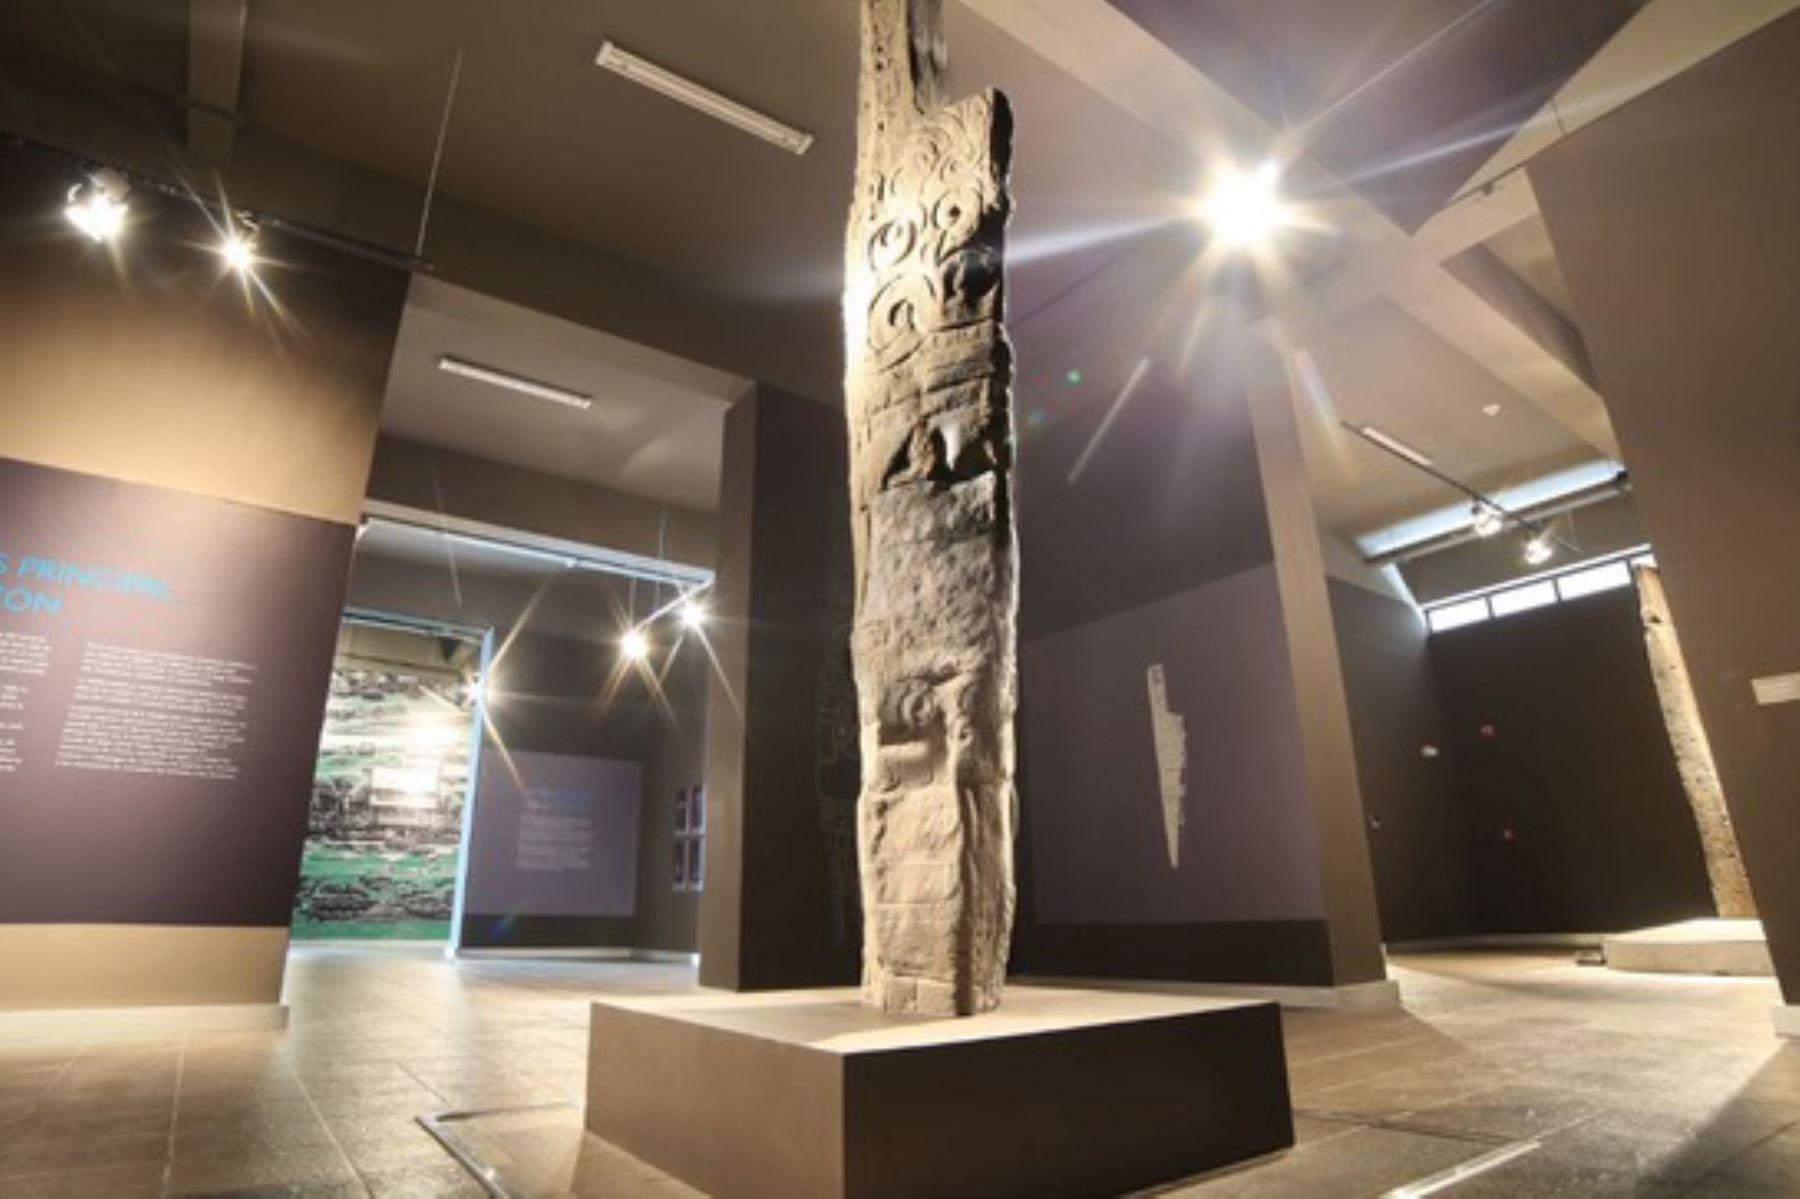 El Museo Nacional Chavín atenderá los martes, jueves y sábados, de 09:00 a 15:45 horas. Foto: ANDINA/Difusión.